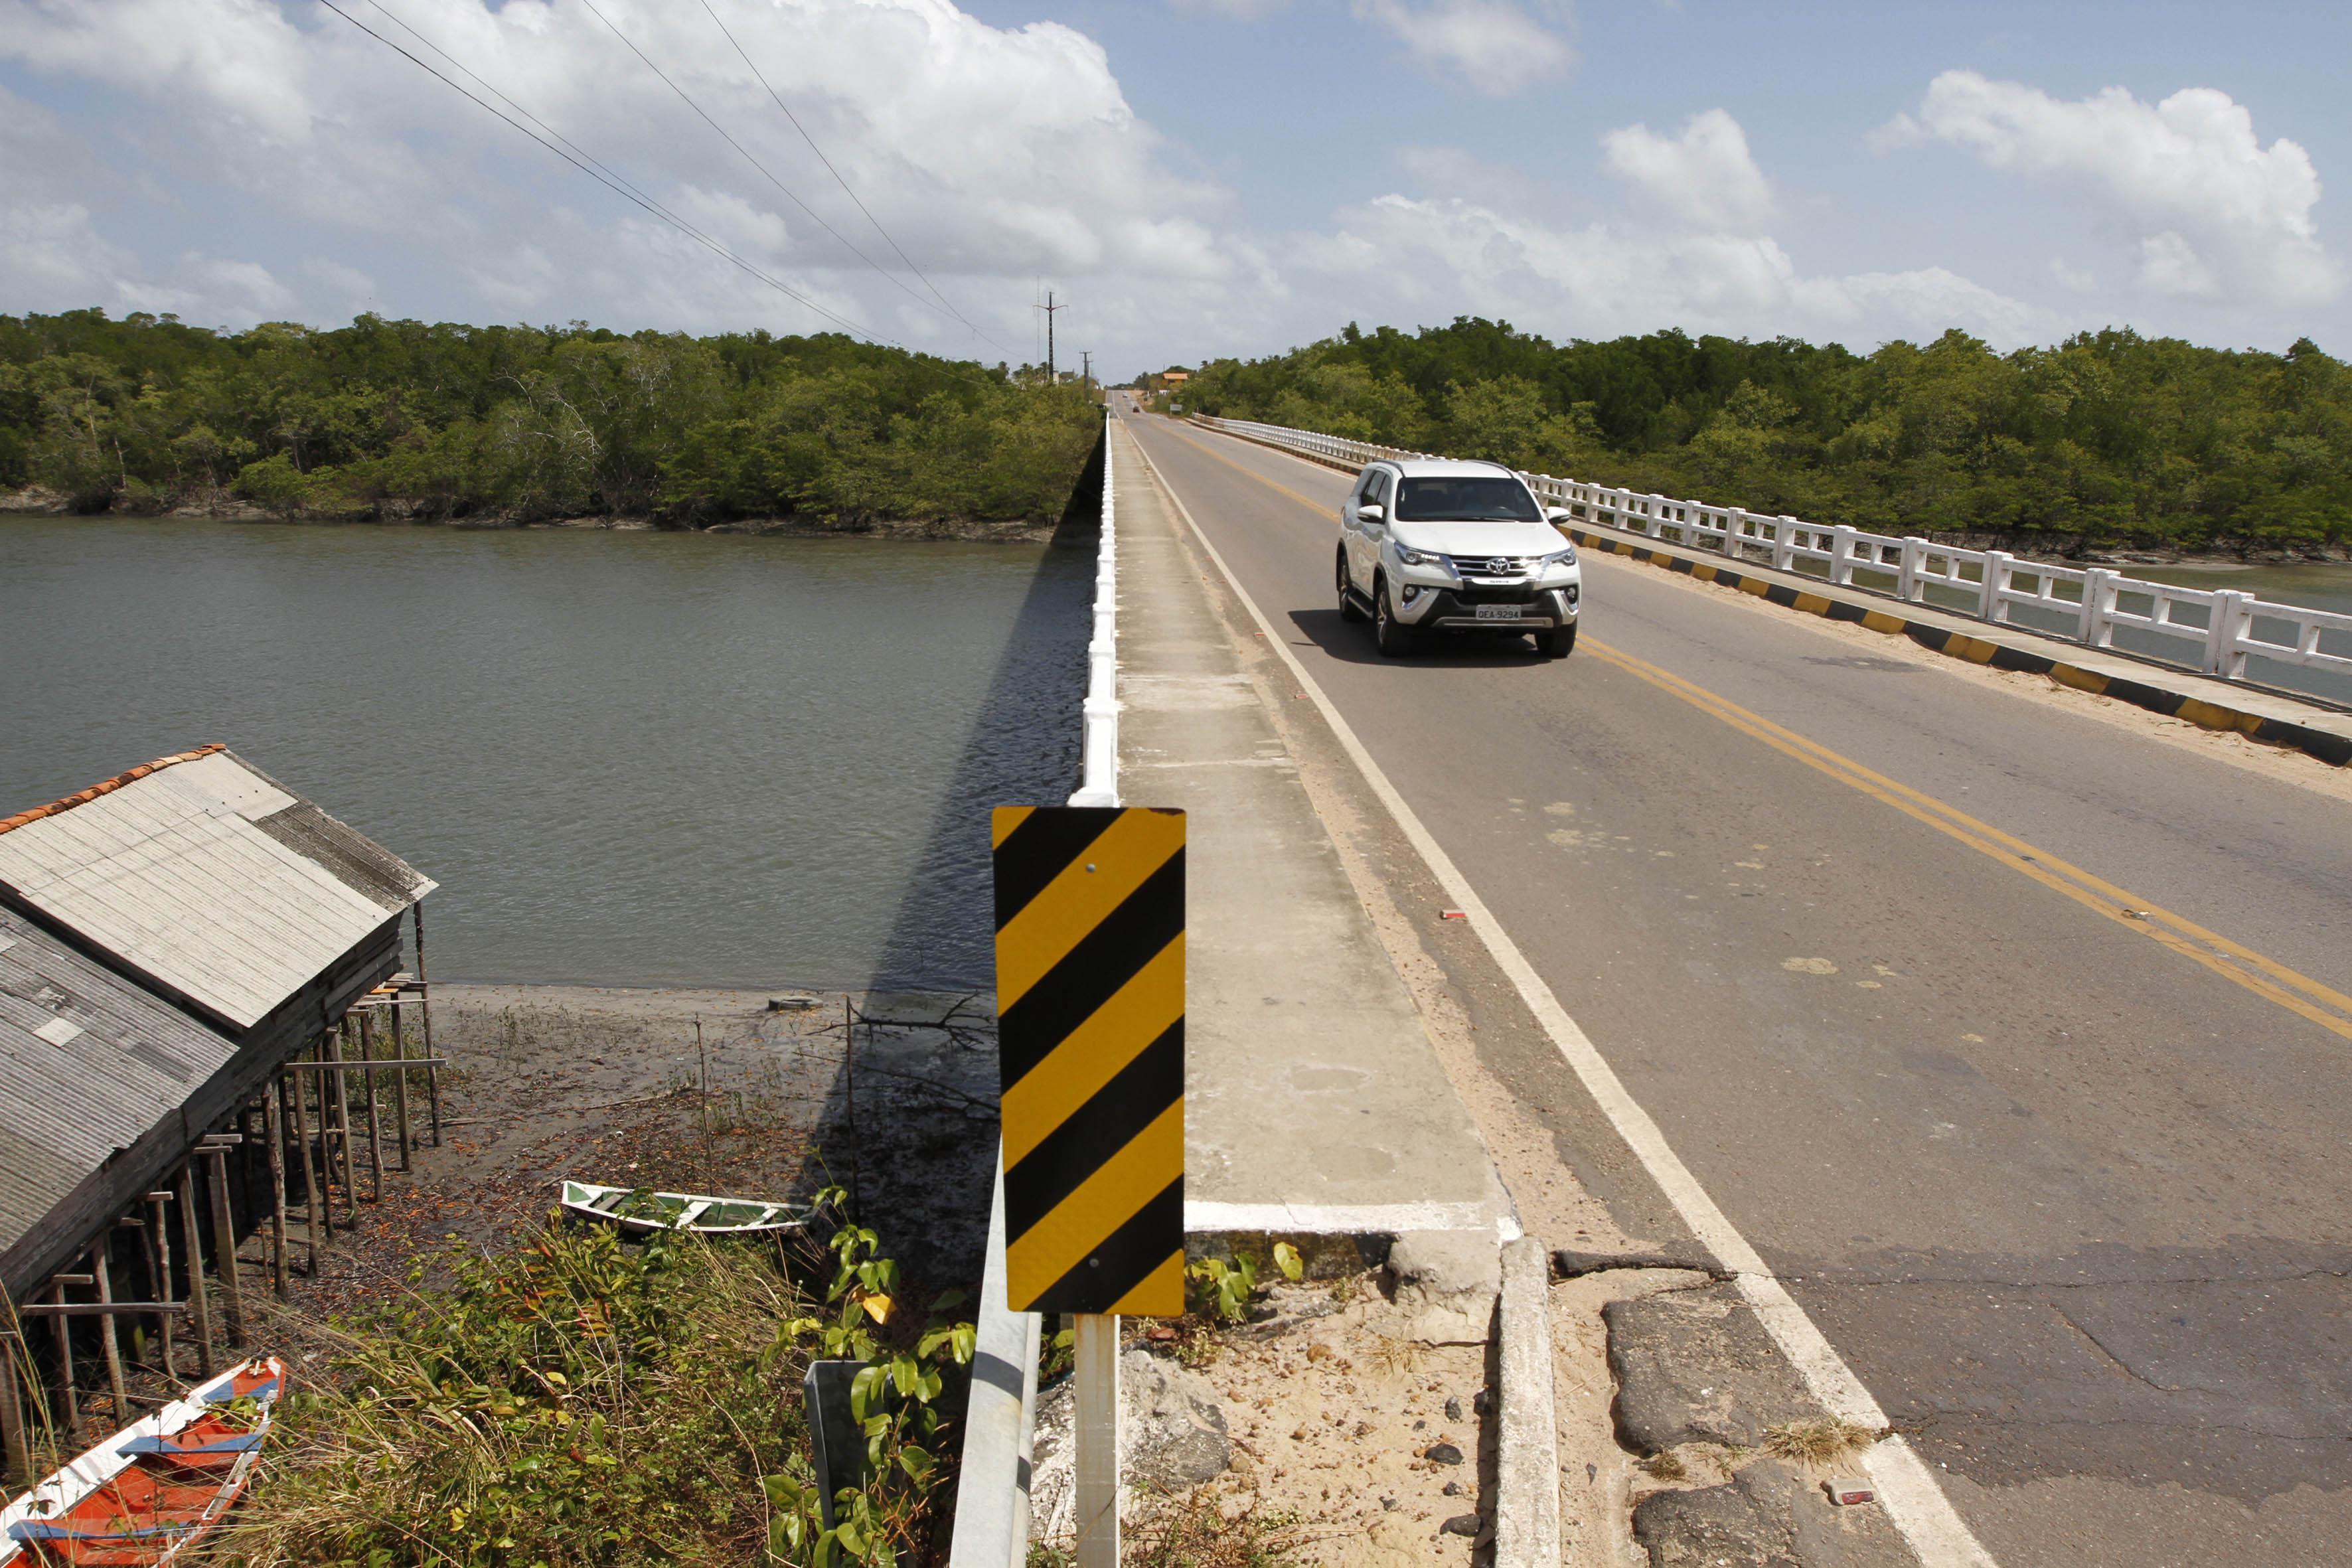 Simultaneamente, também será construída uma ponte de concreto sobre o rio Sampaio, que terá largura superior à atual, acompanhando as vias em obras.